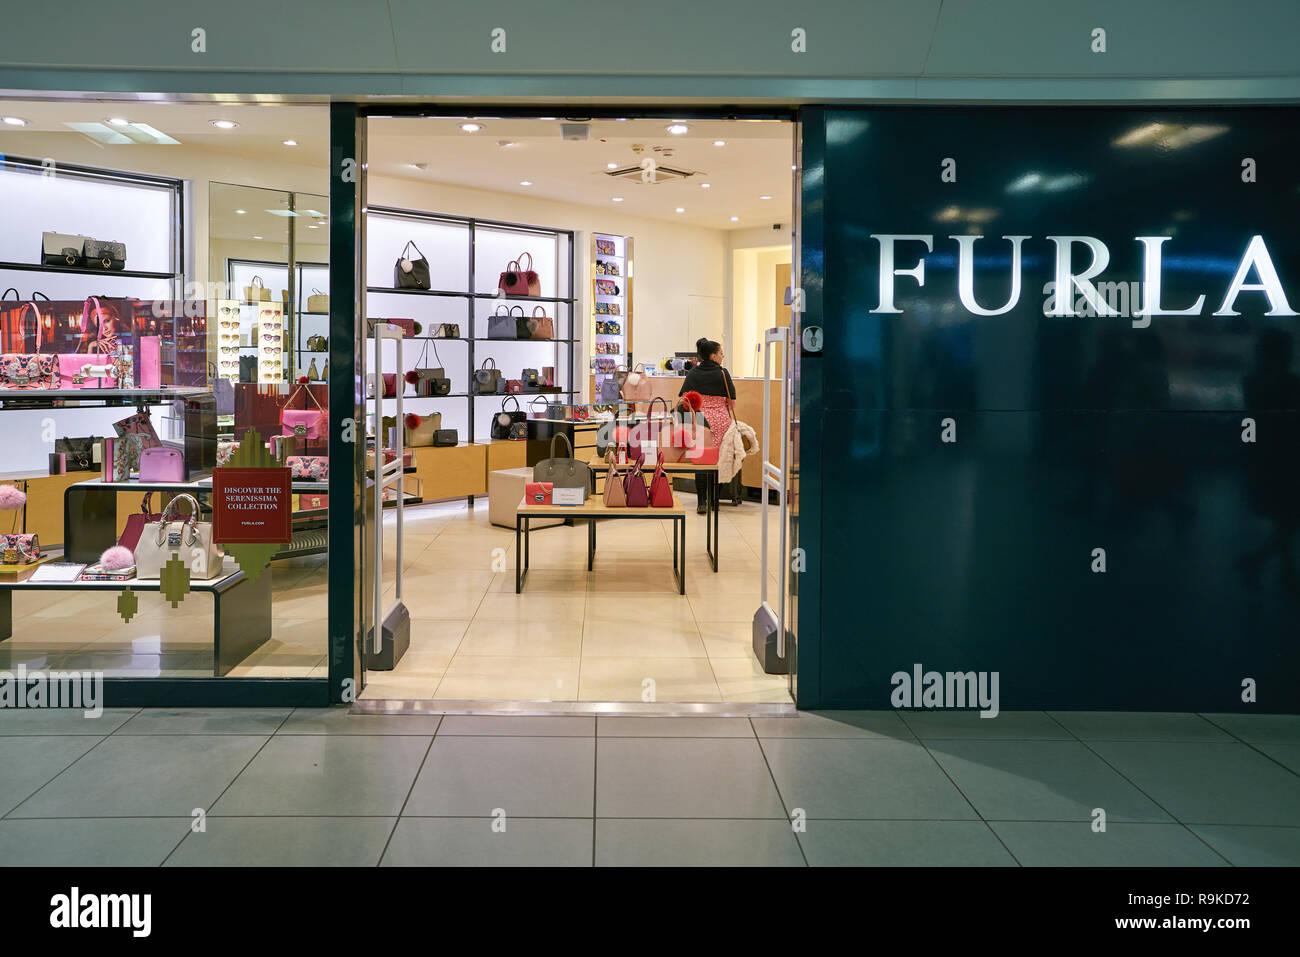 0d22fceac9e77 Sacs à main de luxe boutique marque Furla store Vérone Italie. PC0ECX (RM).  ROME